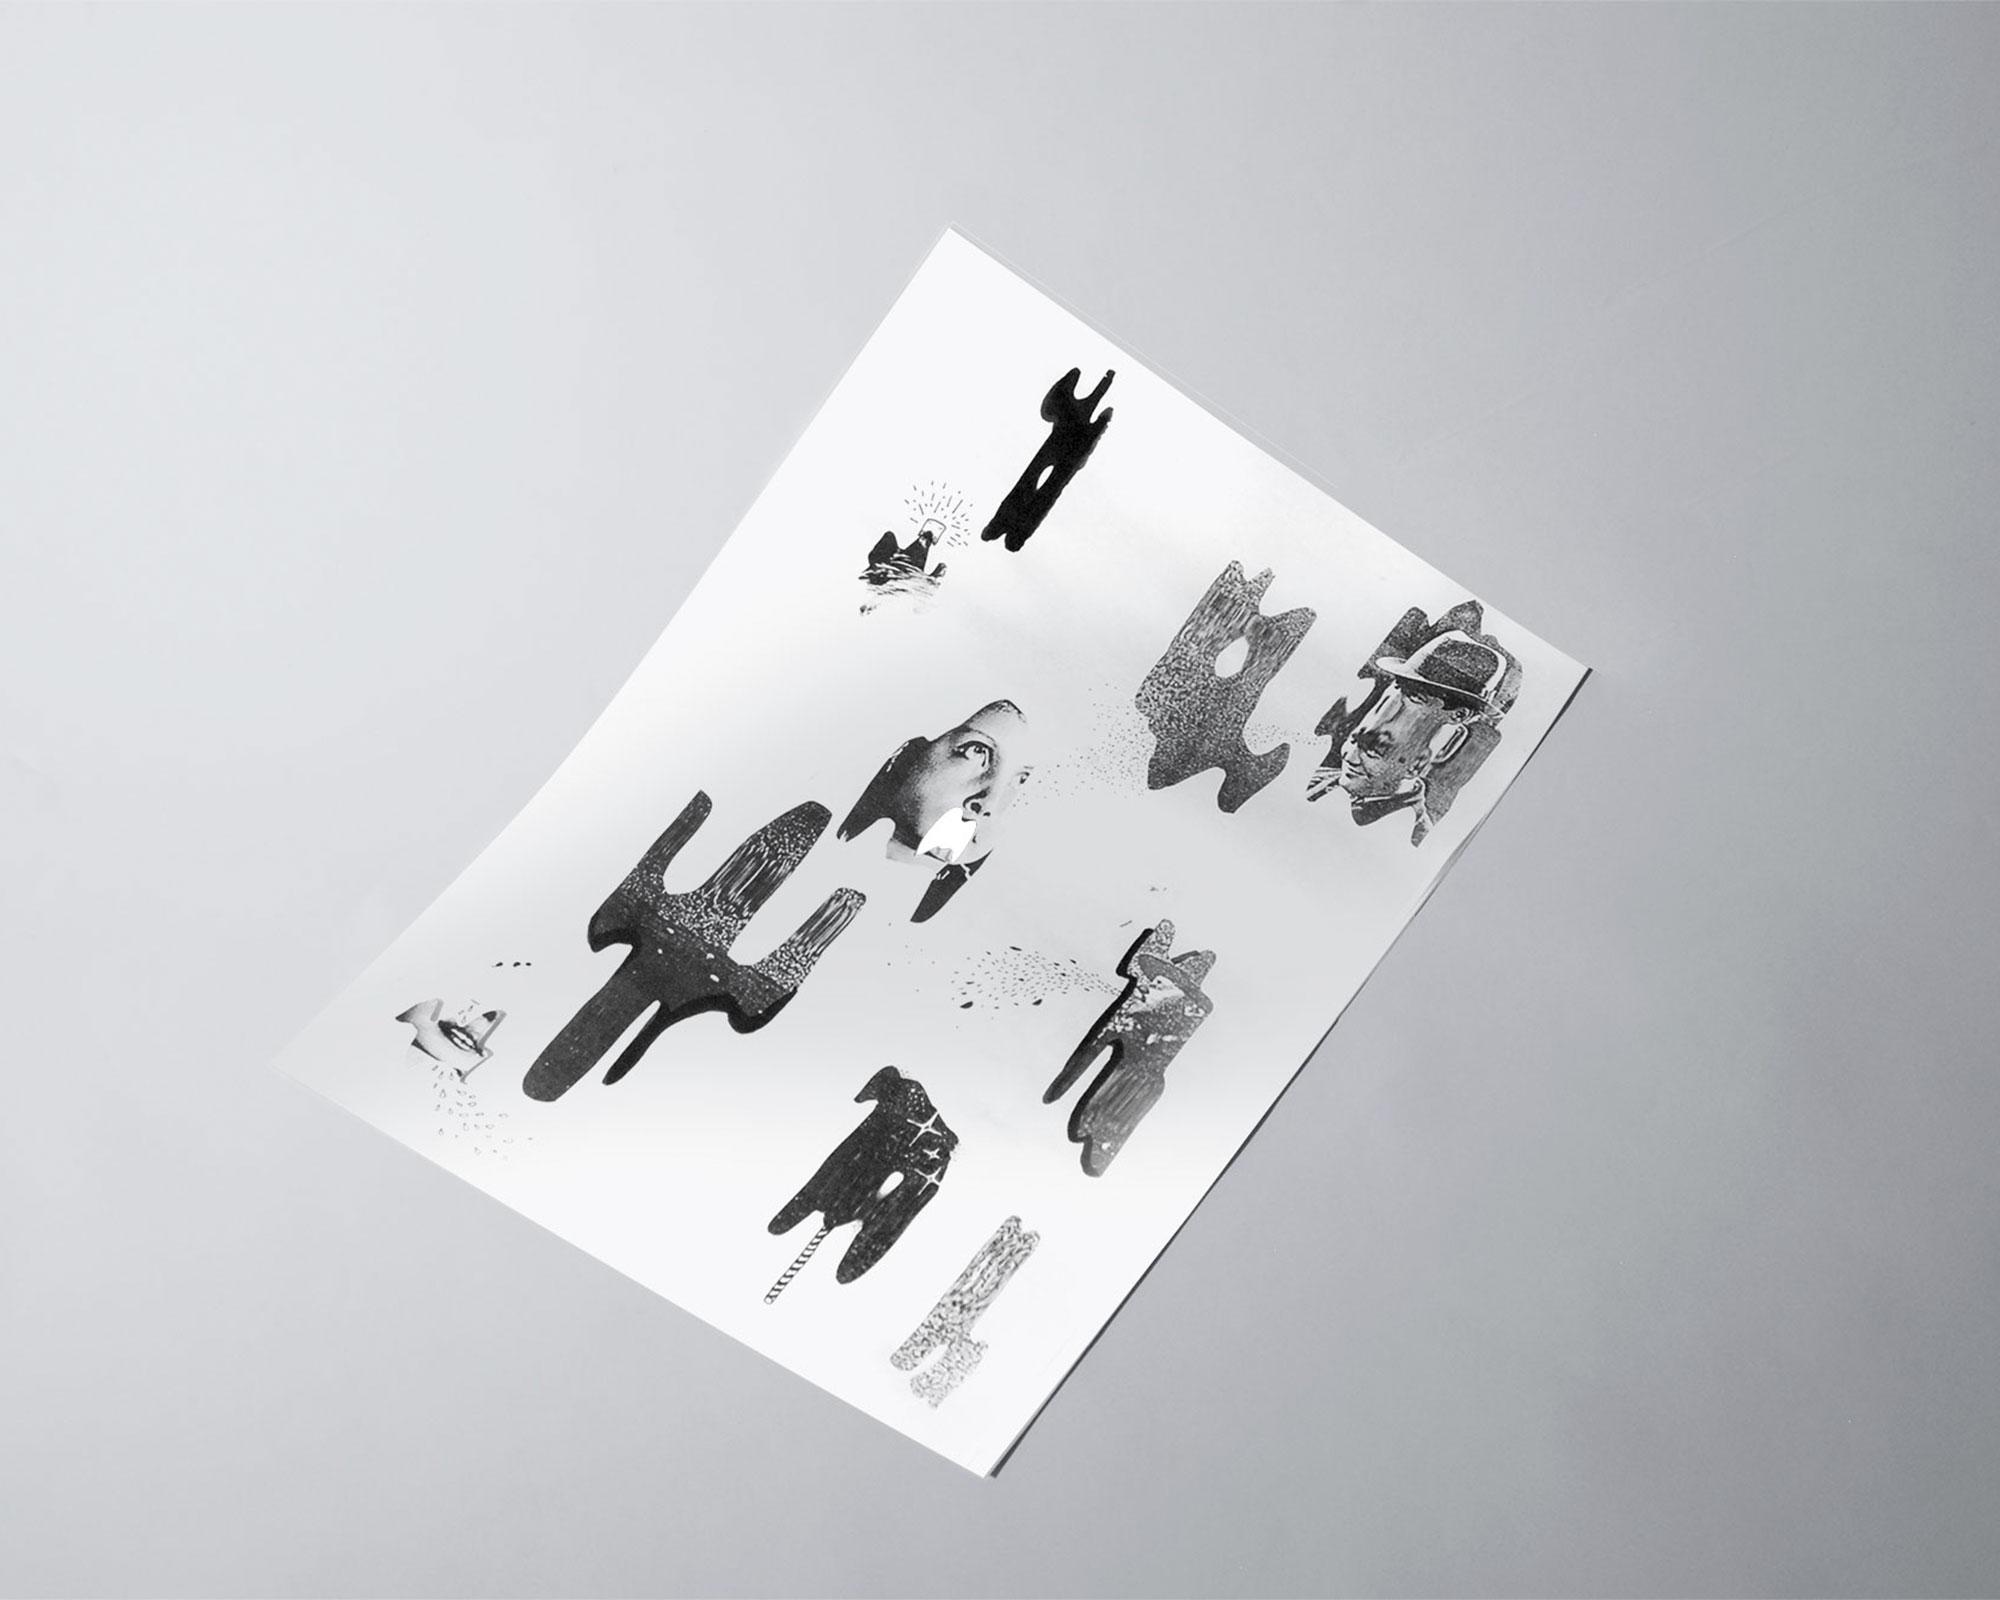 Workshop Helmo - Helmo Studio Paris - alexia roux, alexia, roux, alexiaroux, rouxrouxroux, graphiste, designer graphique, graphisme, édition, graphic design, graphic designer, béziers, montpellier, toulouse, dsaa, diplôme supérieur des arts appliqués, olympiades des métiers, worldskills, identité, identity, logo, mémoire, design graphique hyperosmique, odeur et graphisme,